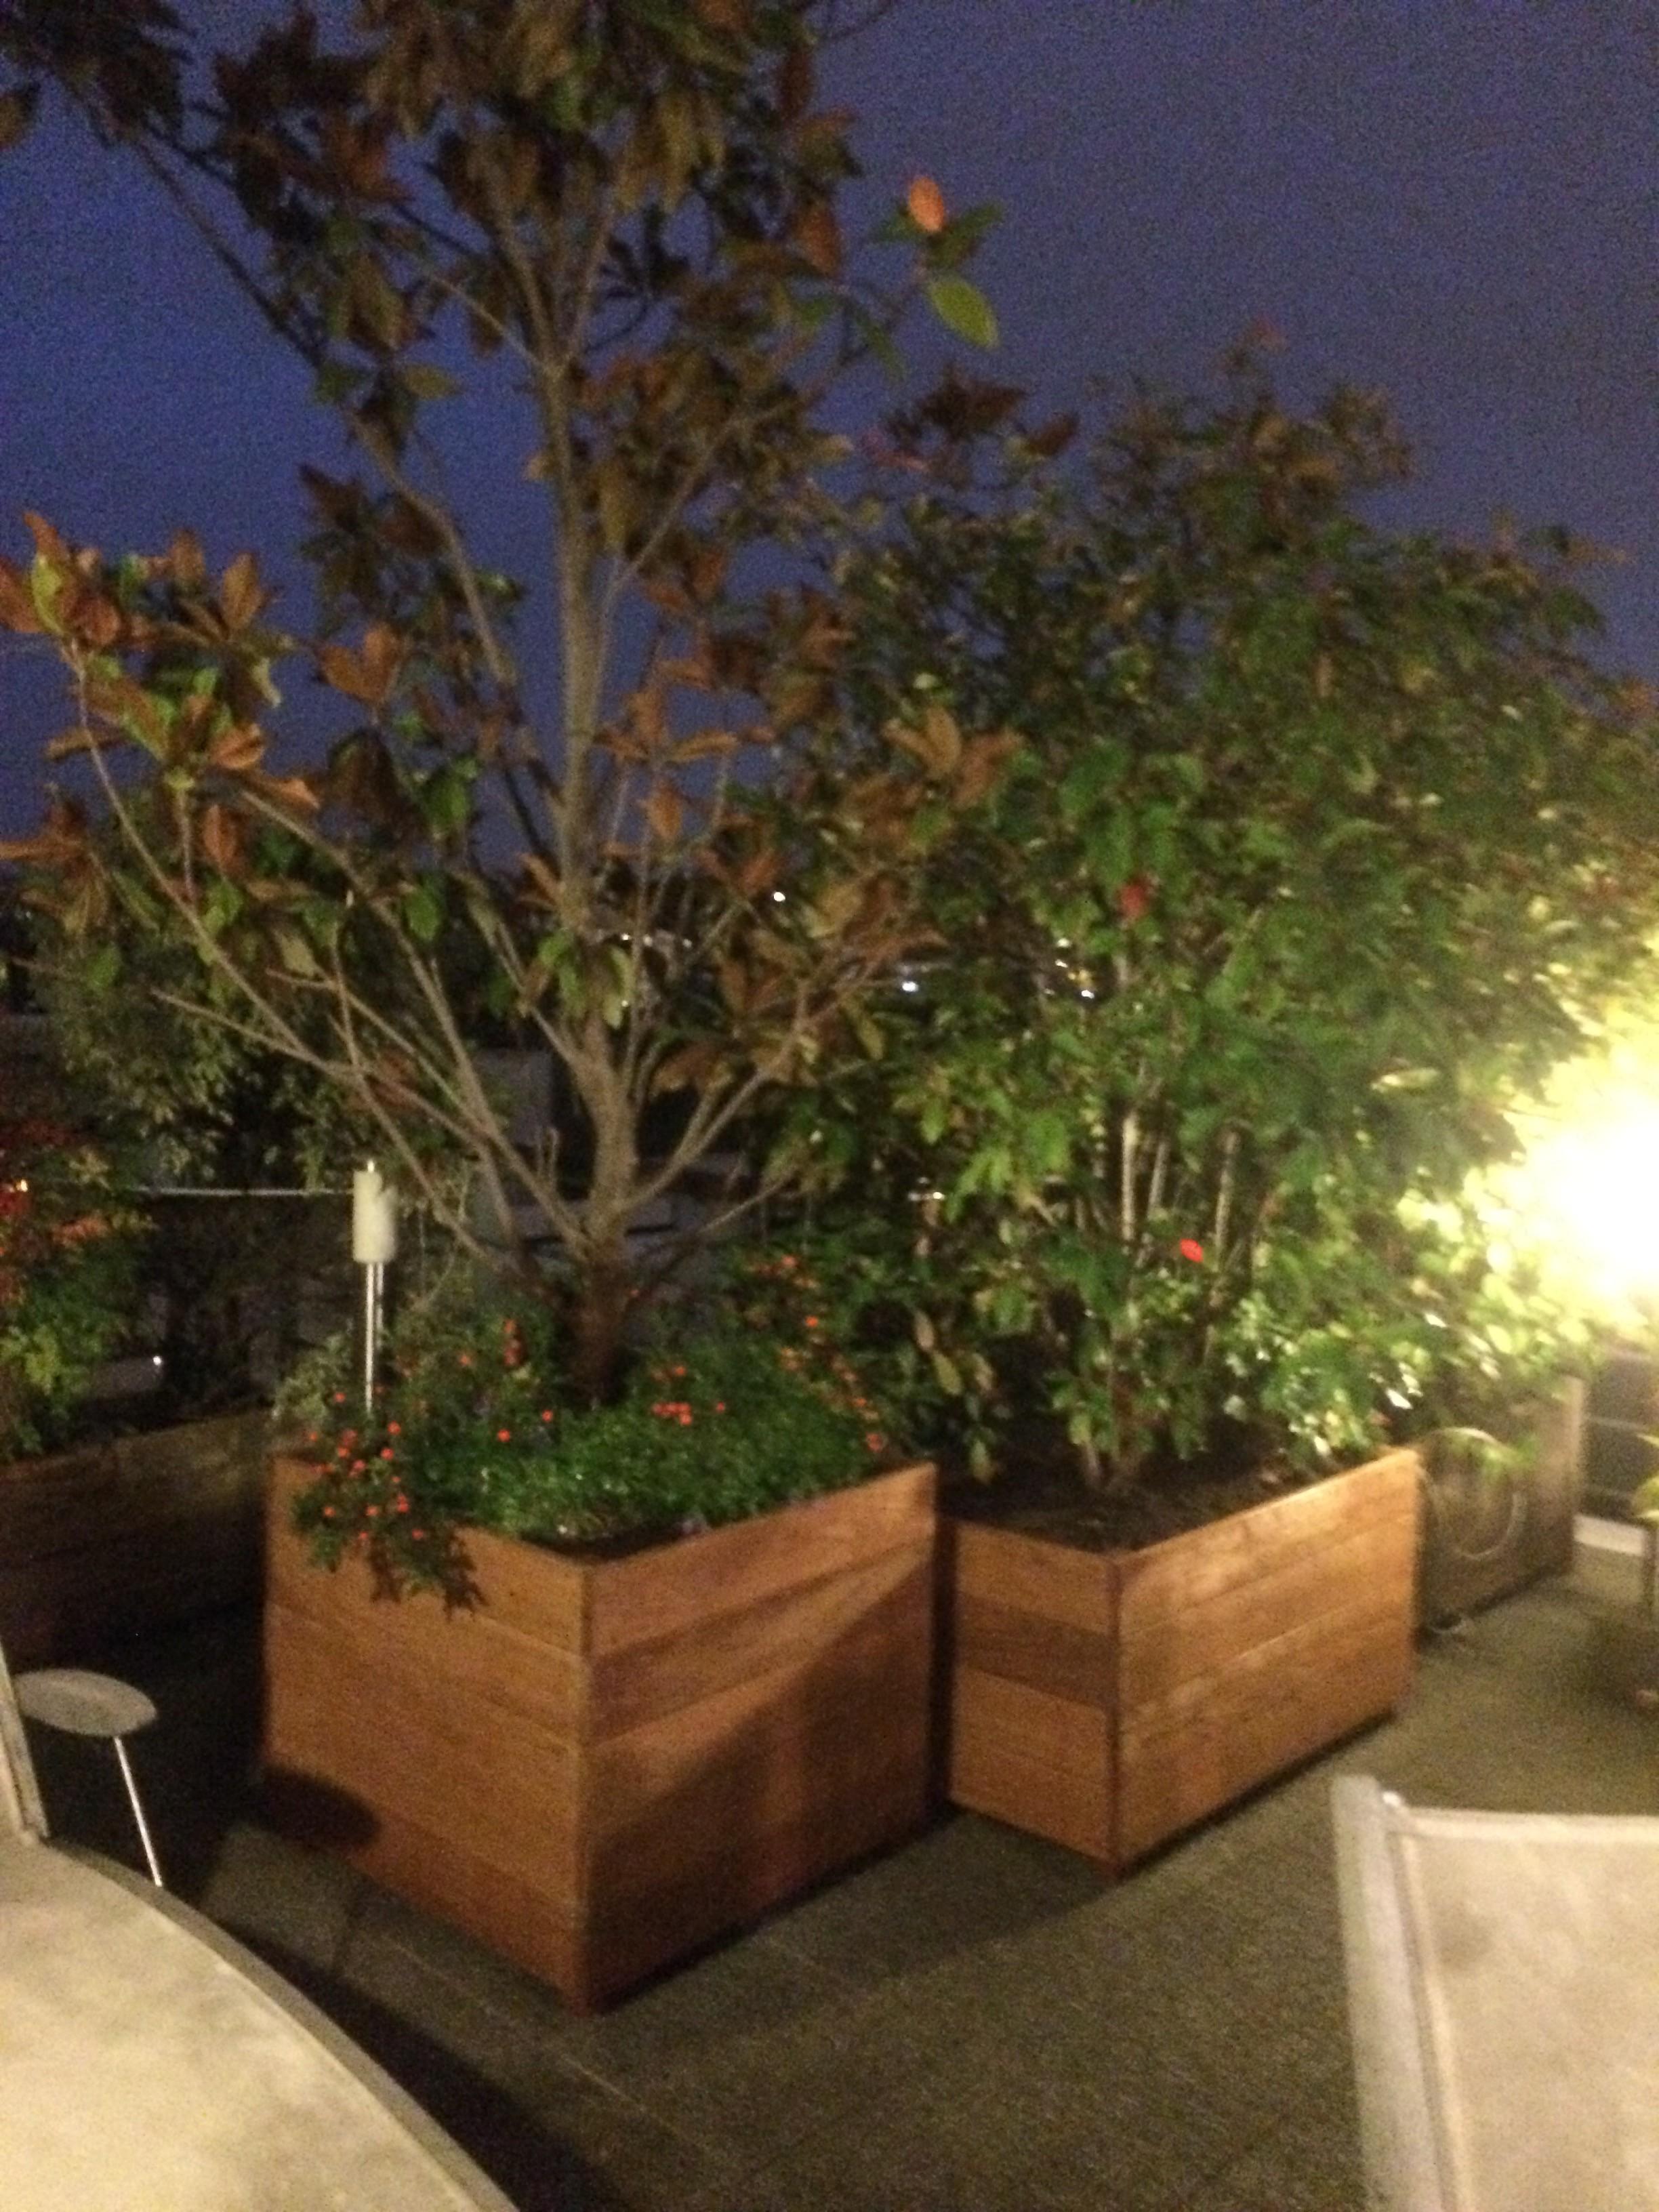 les jardiniers à vélo paris ile de france aménagement entretien terrasse jardin bac bois chêne